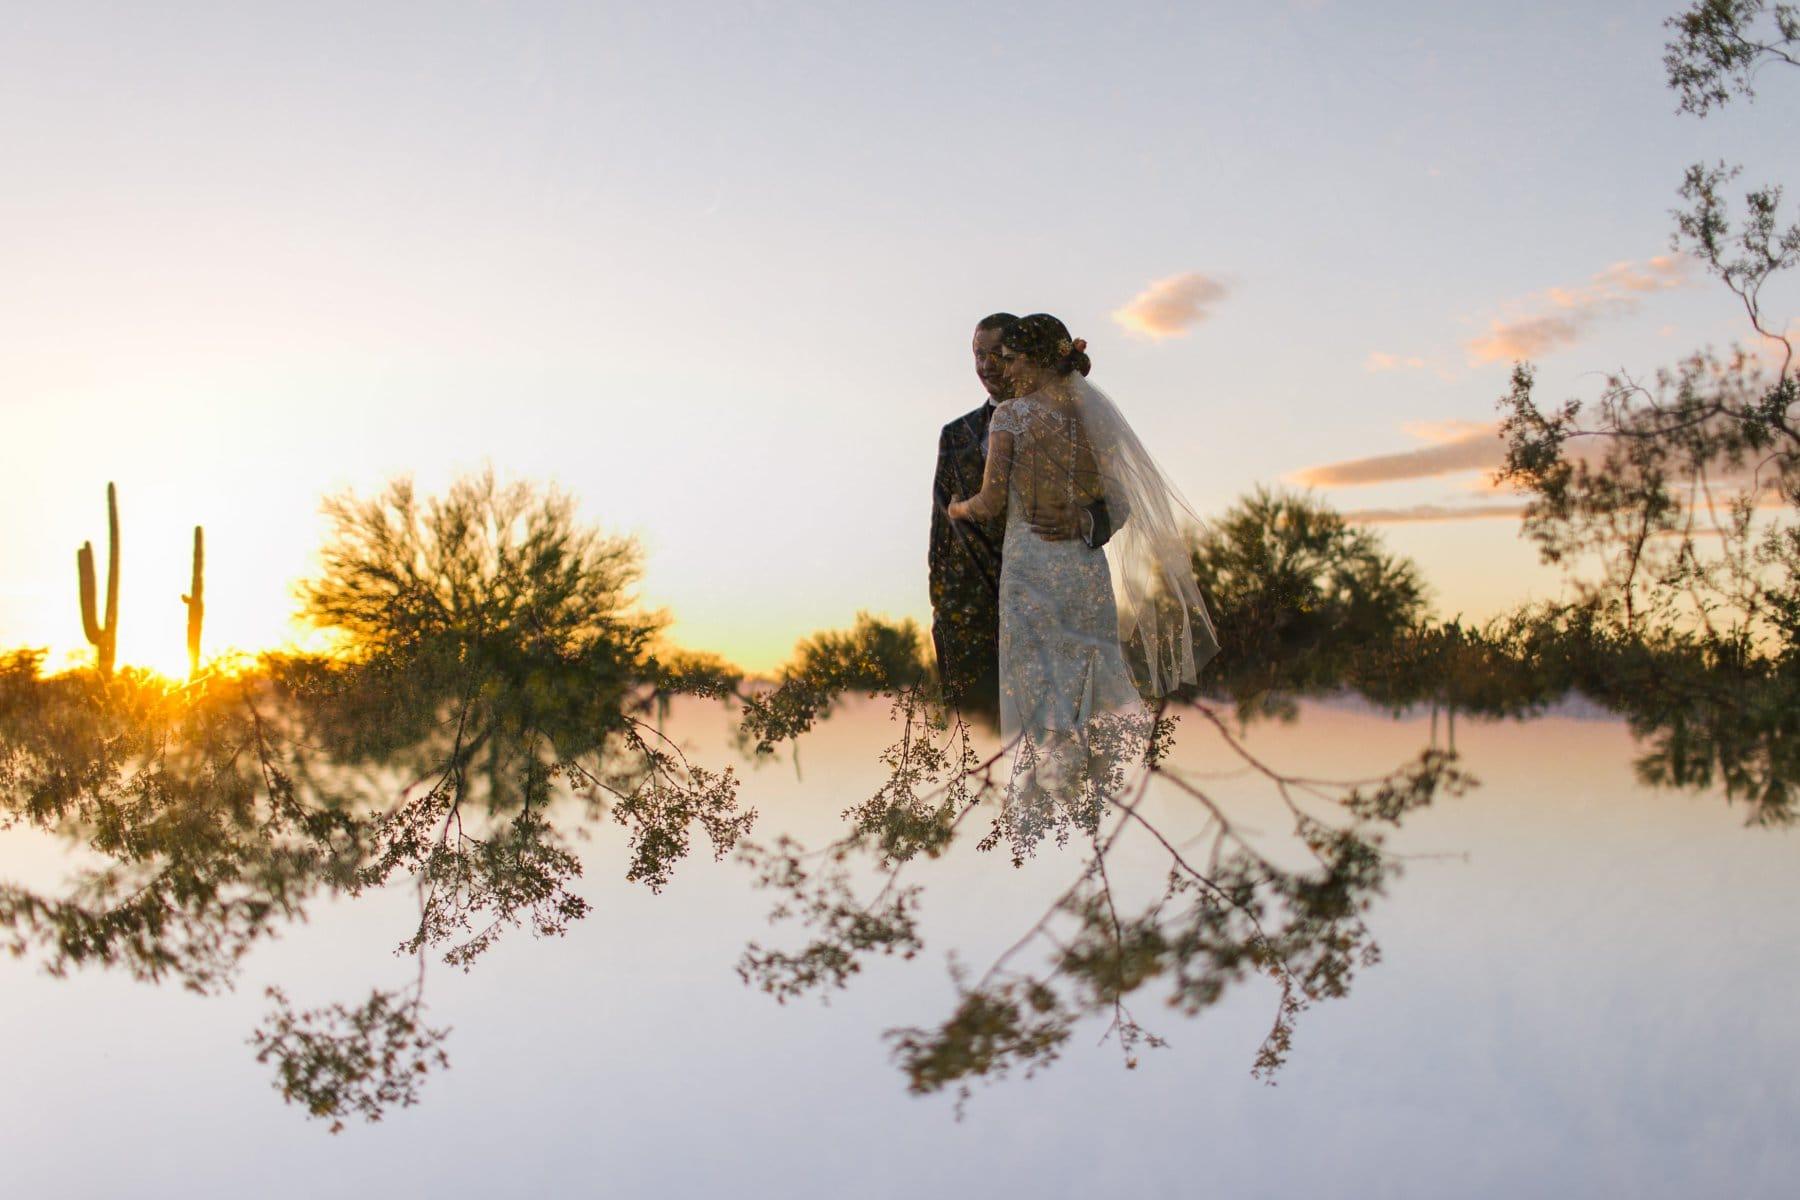 creative double exposure of desert and bride & groom Desert Foothills Wedding Venue